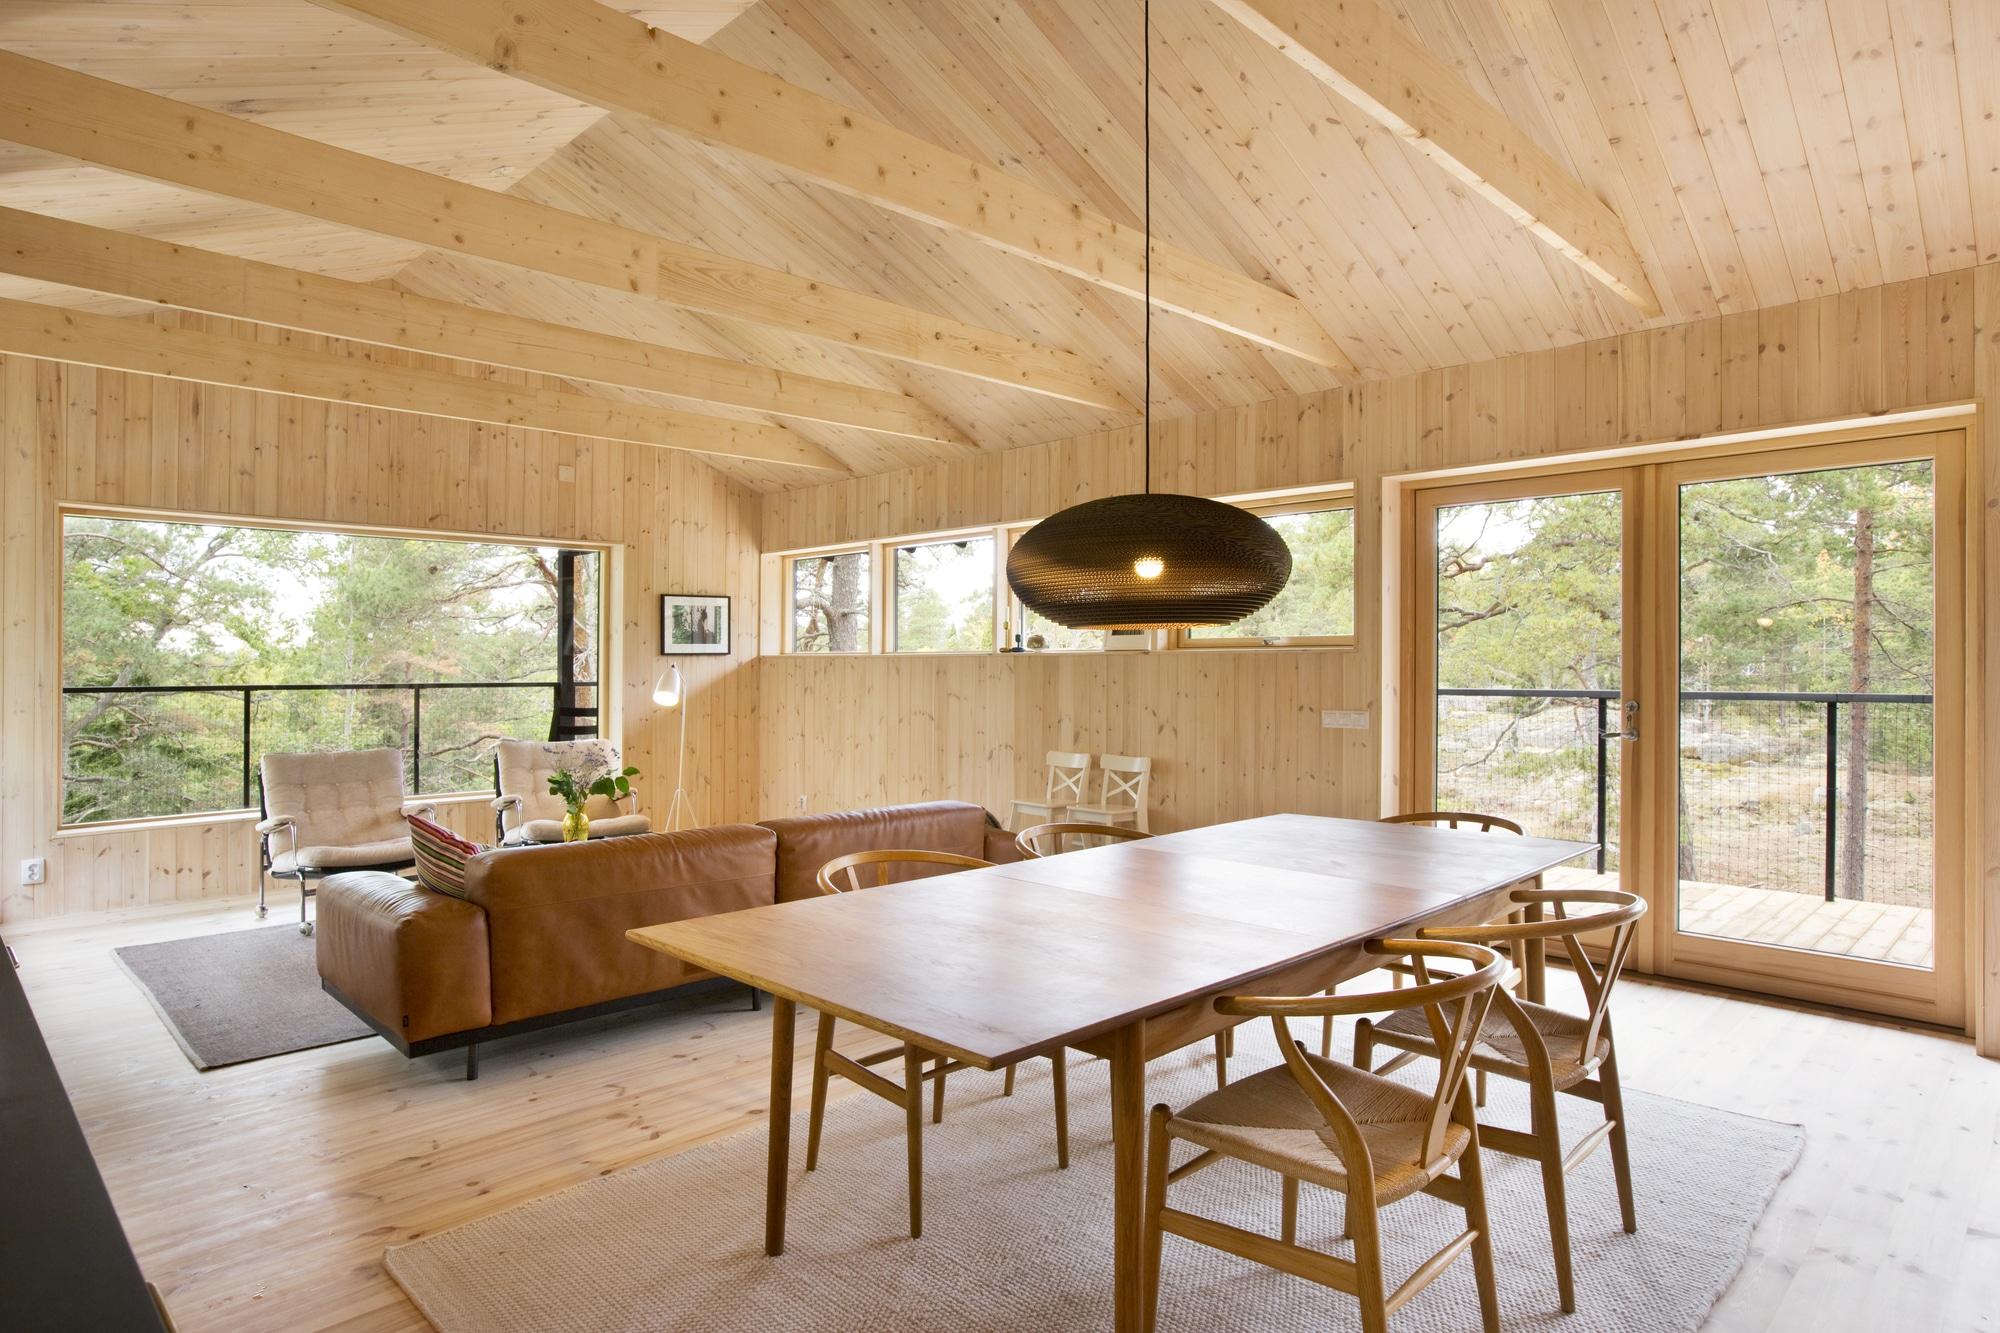 Dise o de casa peque a de madera fachada planos for Casas de madera pequenas